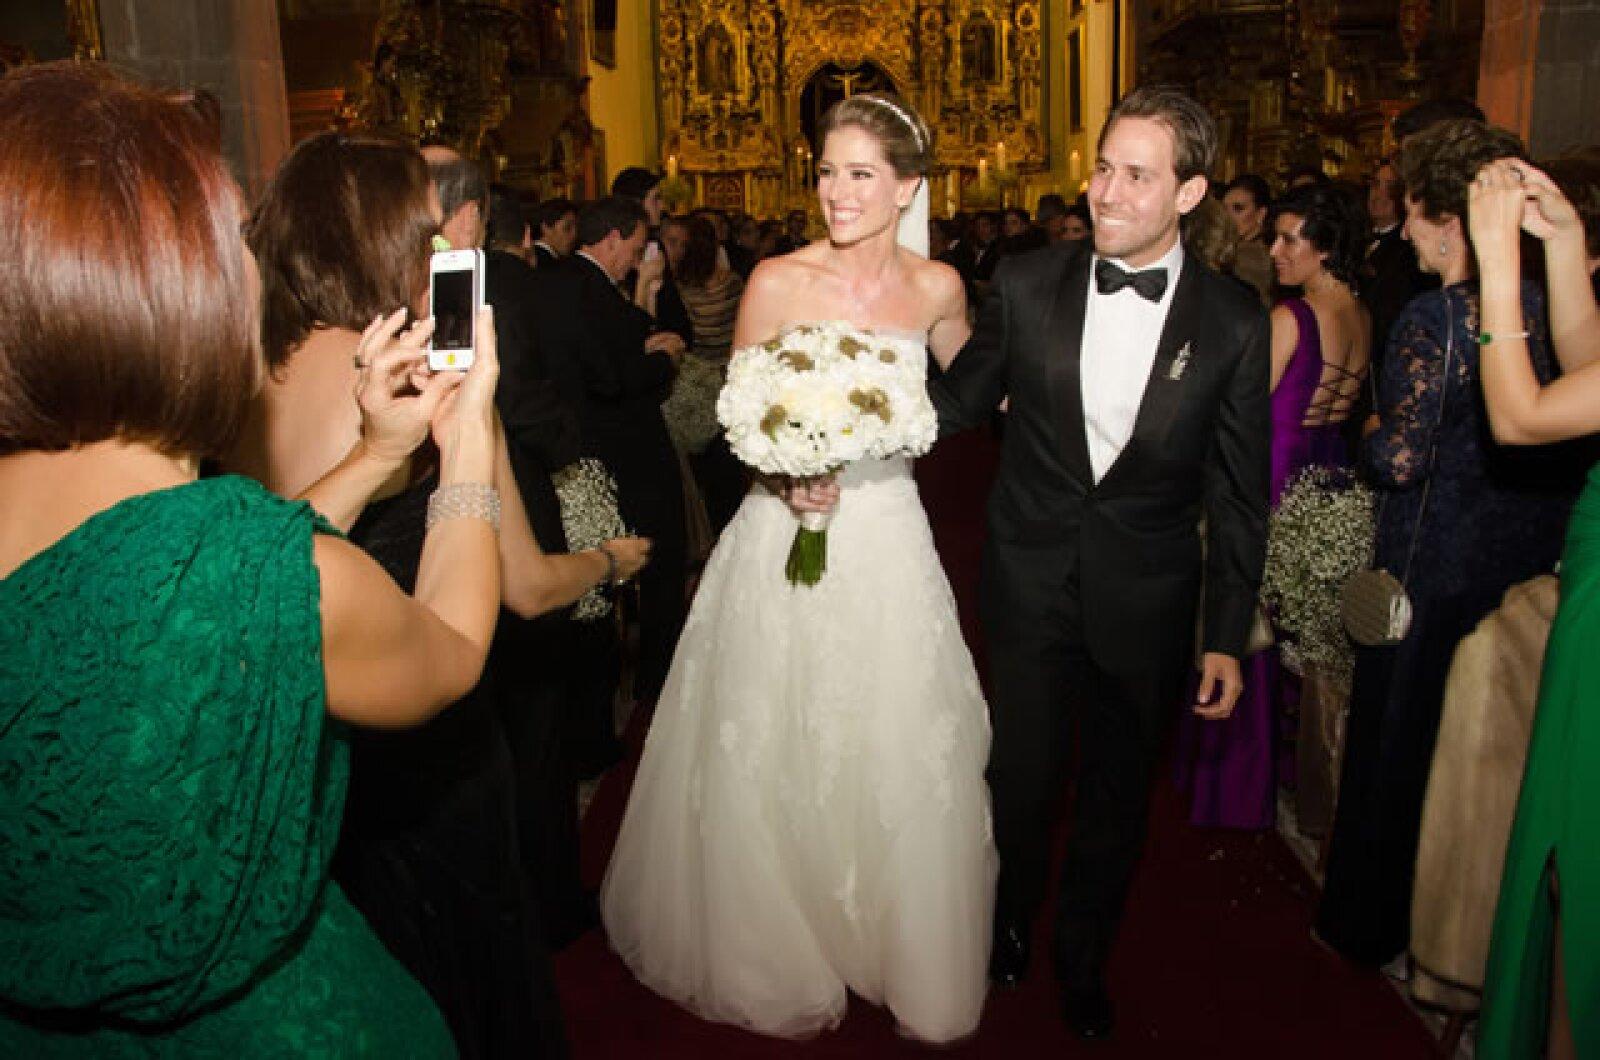 Gustavo el dio el anillo de compromiso a María Inés en febrero de este año.